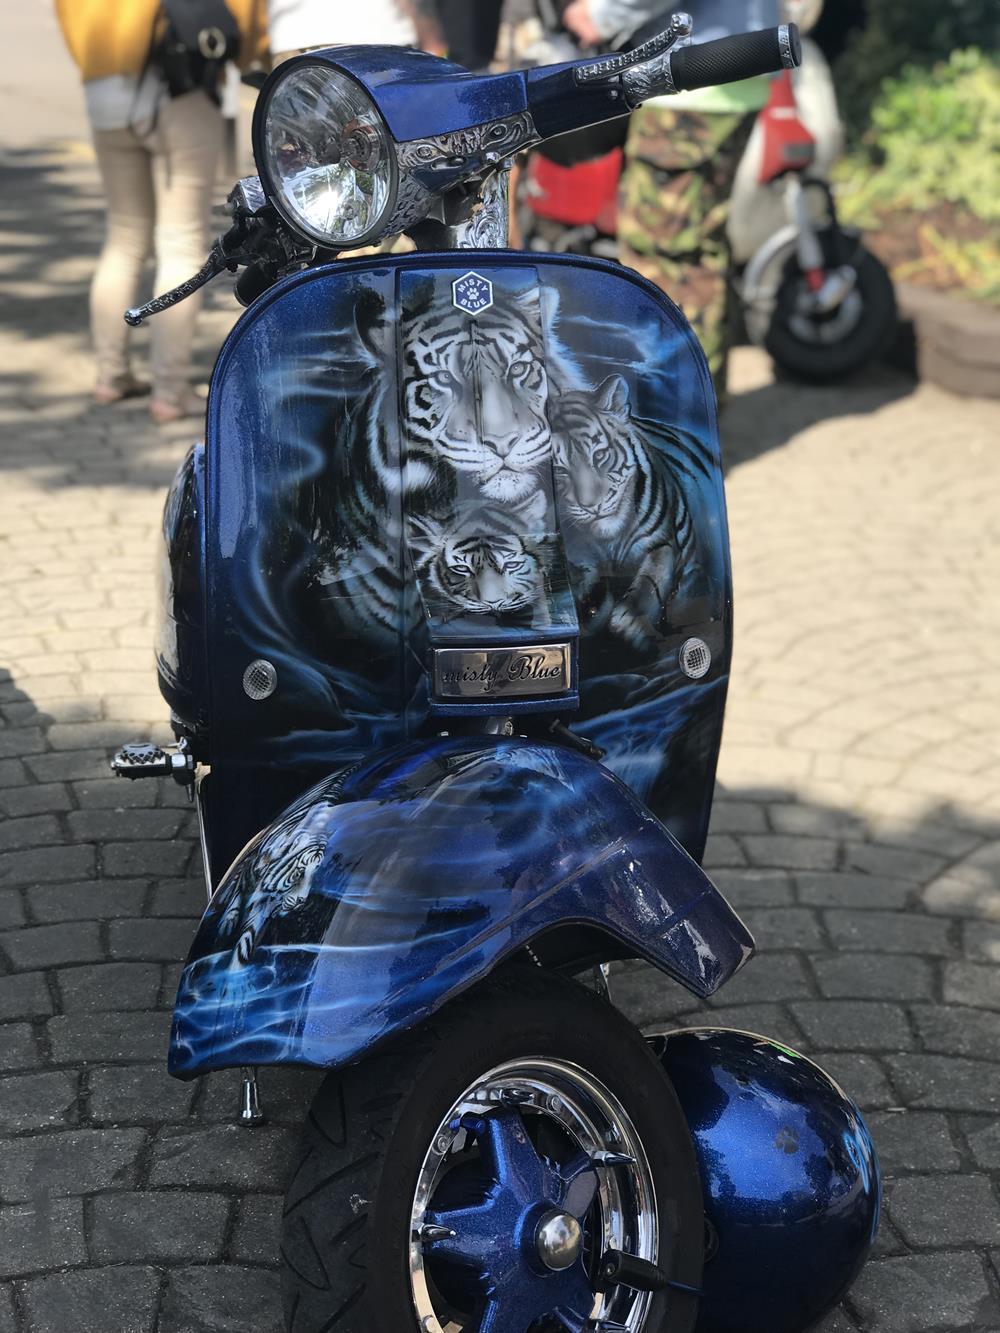 Misty Blue Vespa scooter